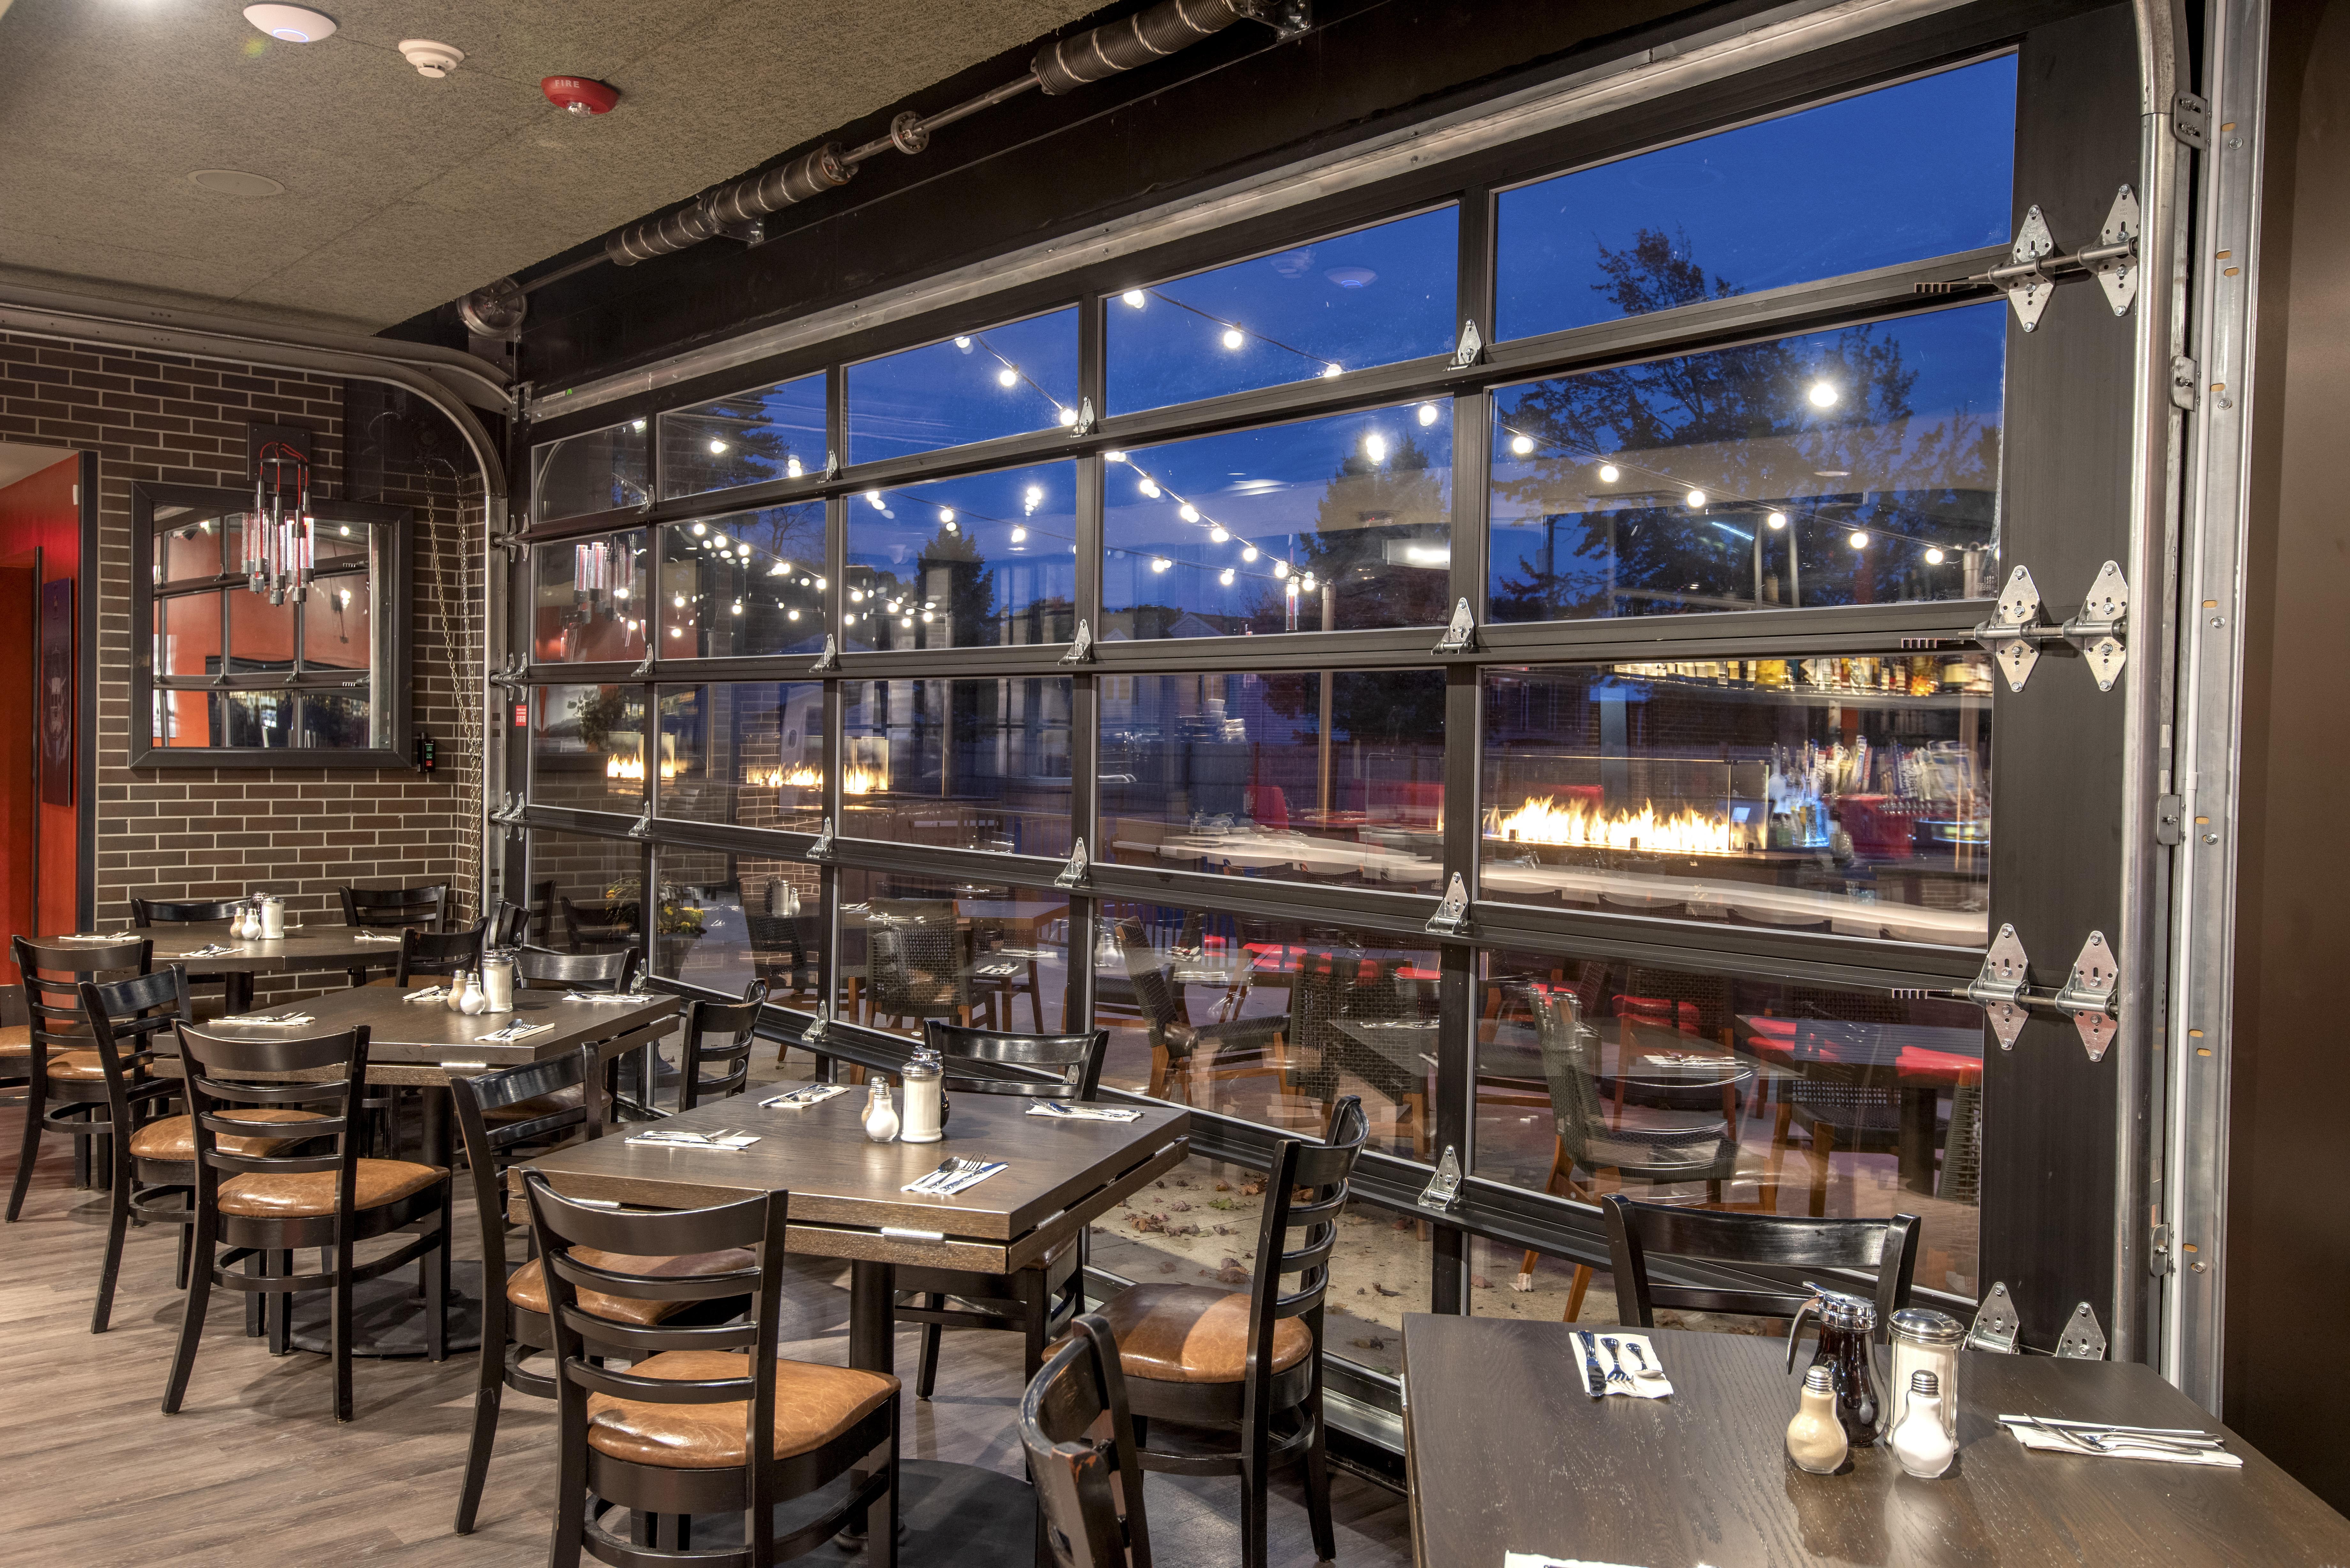 Reds Kitchen & Tavern